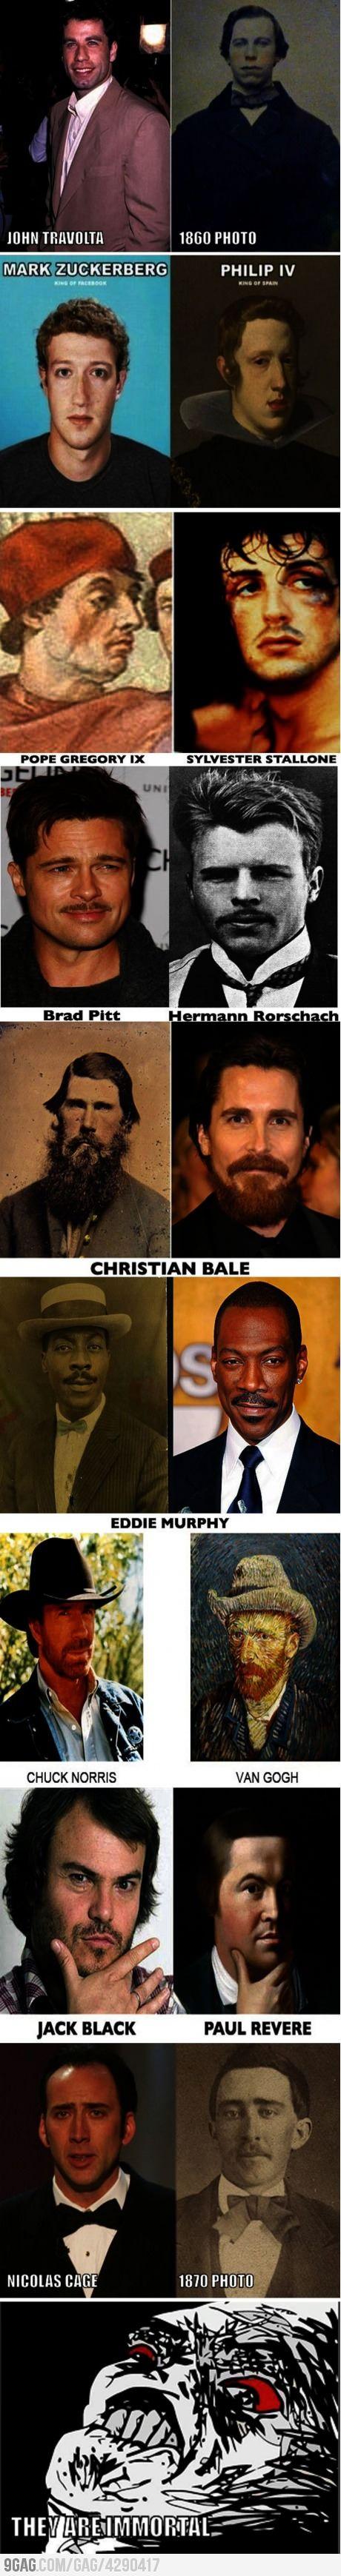 I've always said that Jack Black looked like Paul Revere lol